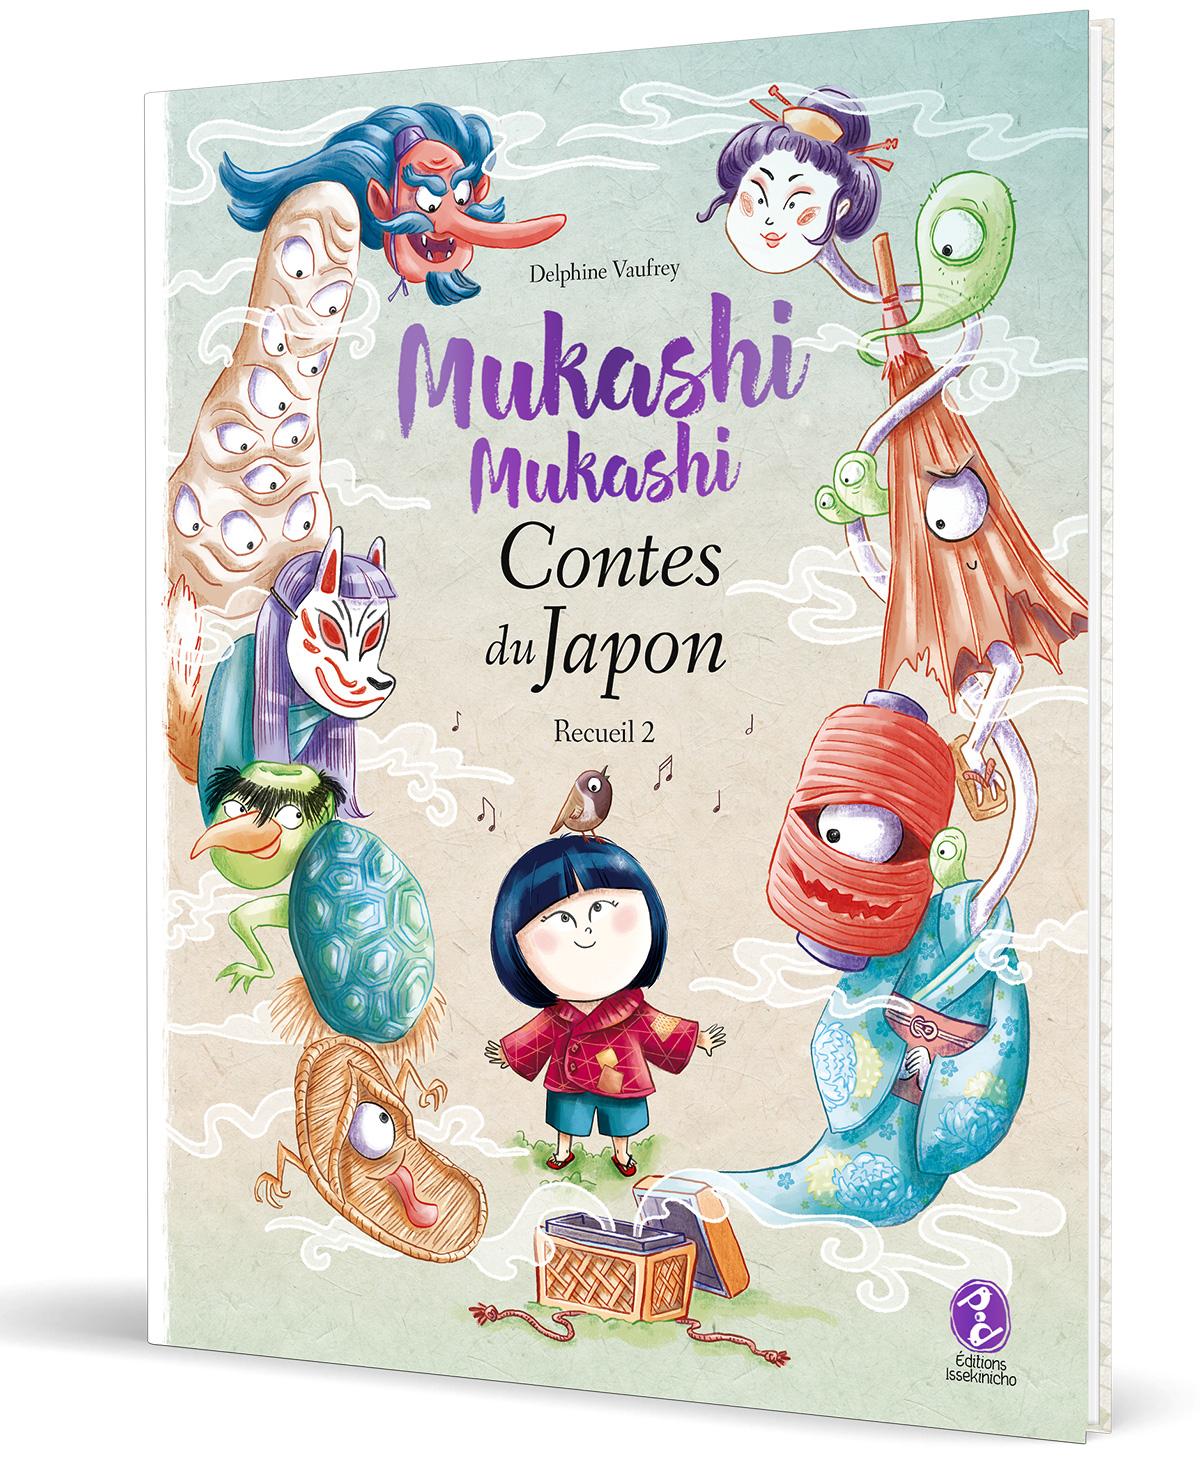 Mukashi mukashi - Contes du Japon - couverture